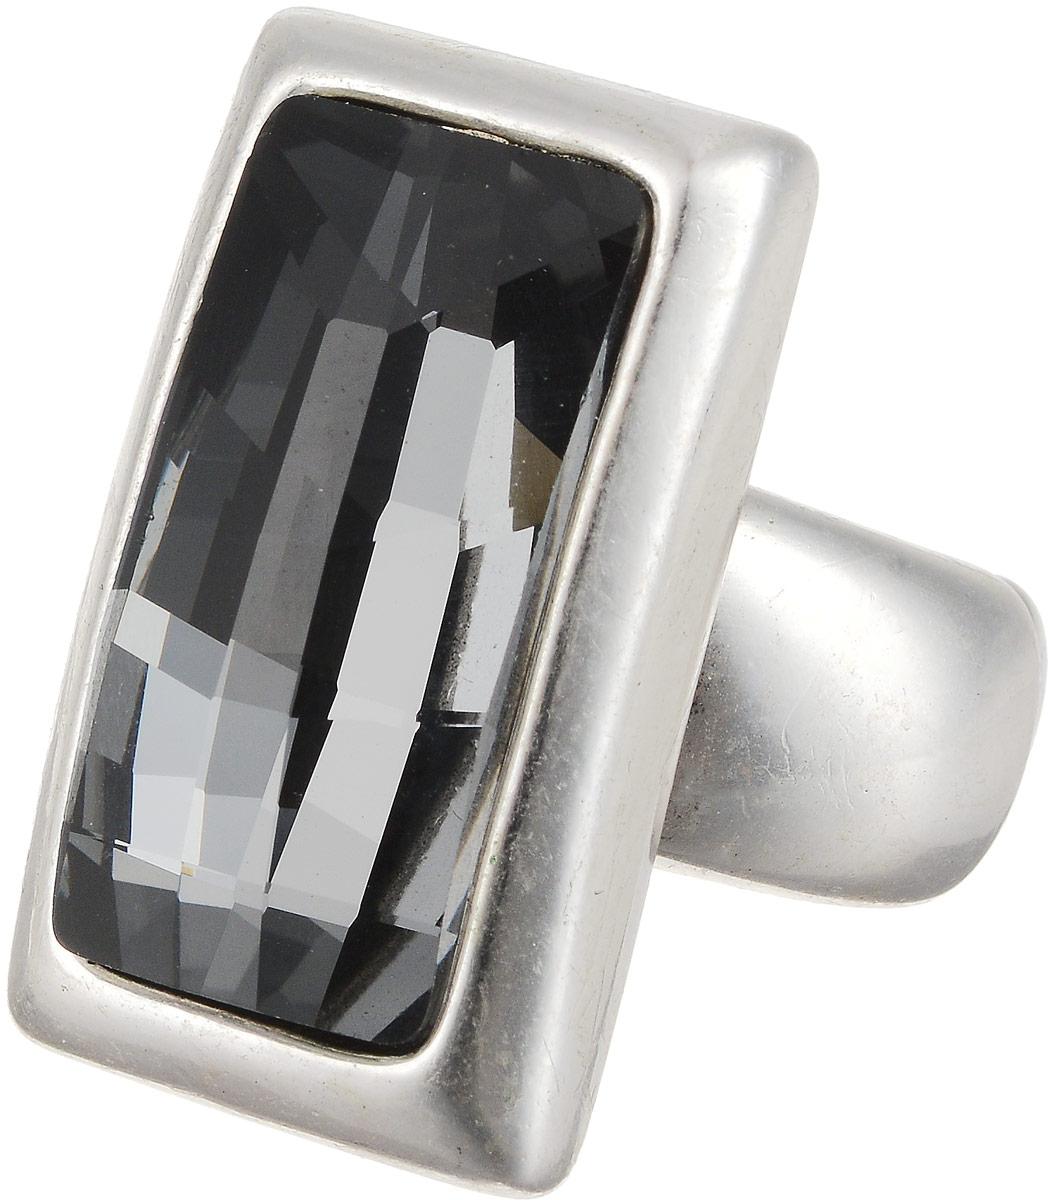 Кольцо коктейльное Агата. Бижутерное стекло, гипоаллергенный бижутерный сплав серебряного тона. Krikos, КитайКоктейльное кольцоКольцо коктейльное Агата. Бижутерное стекло, гипоаллергенный бижутерный сплав серебряного тона.Krikos, Китай.Размер - кольцо эластичное подойдет на любой размер.